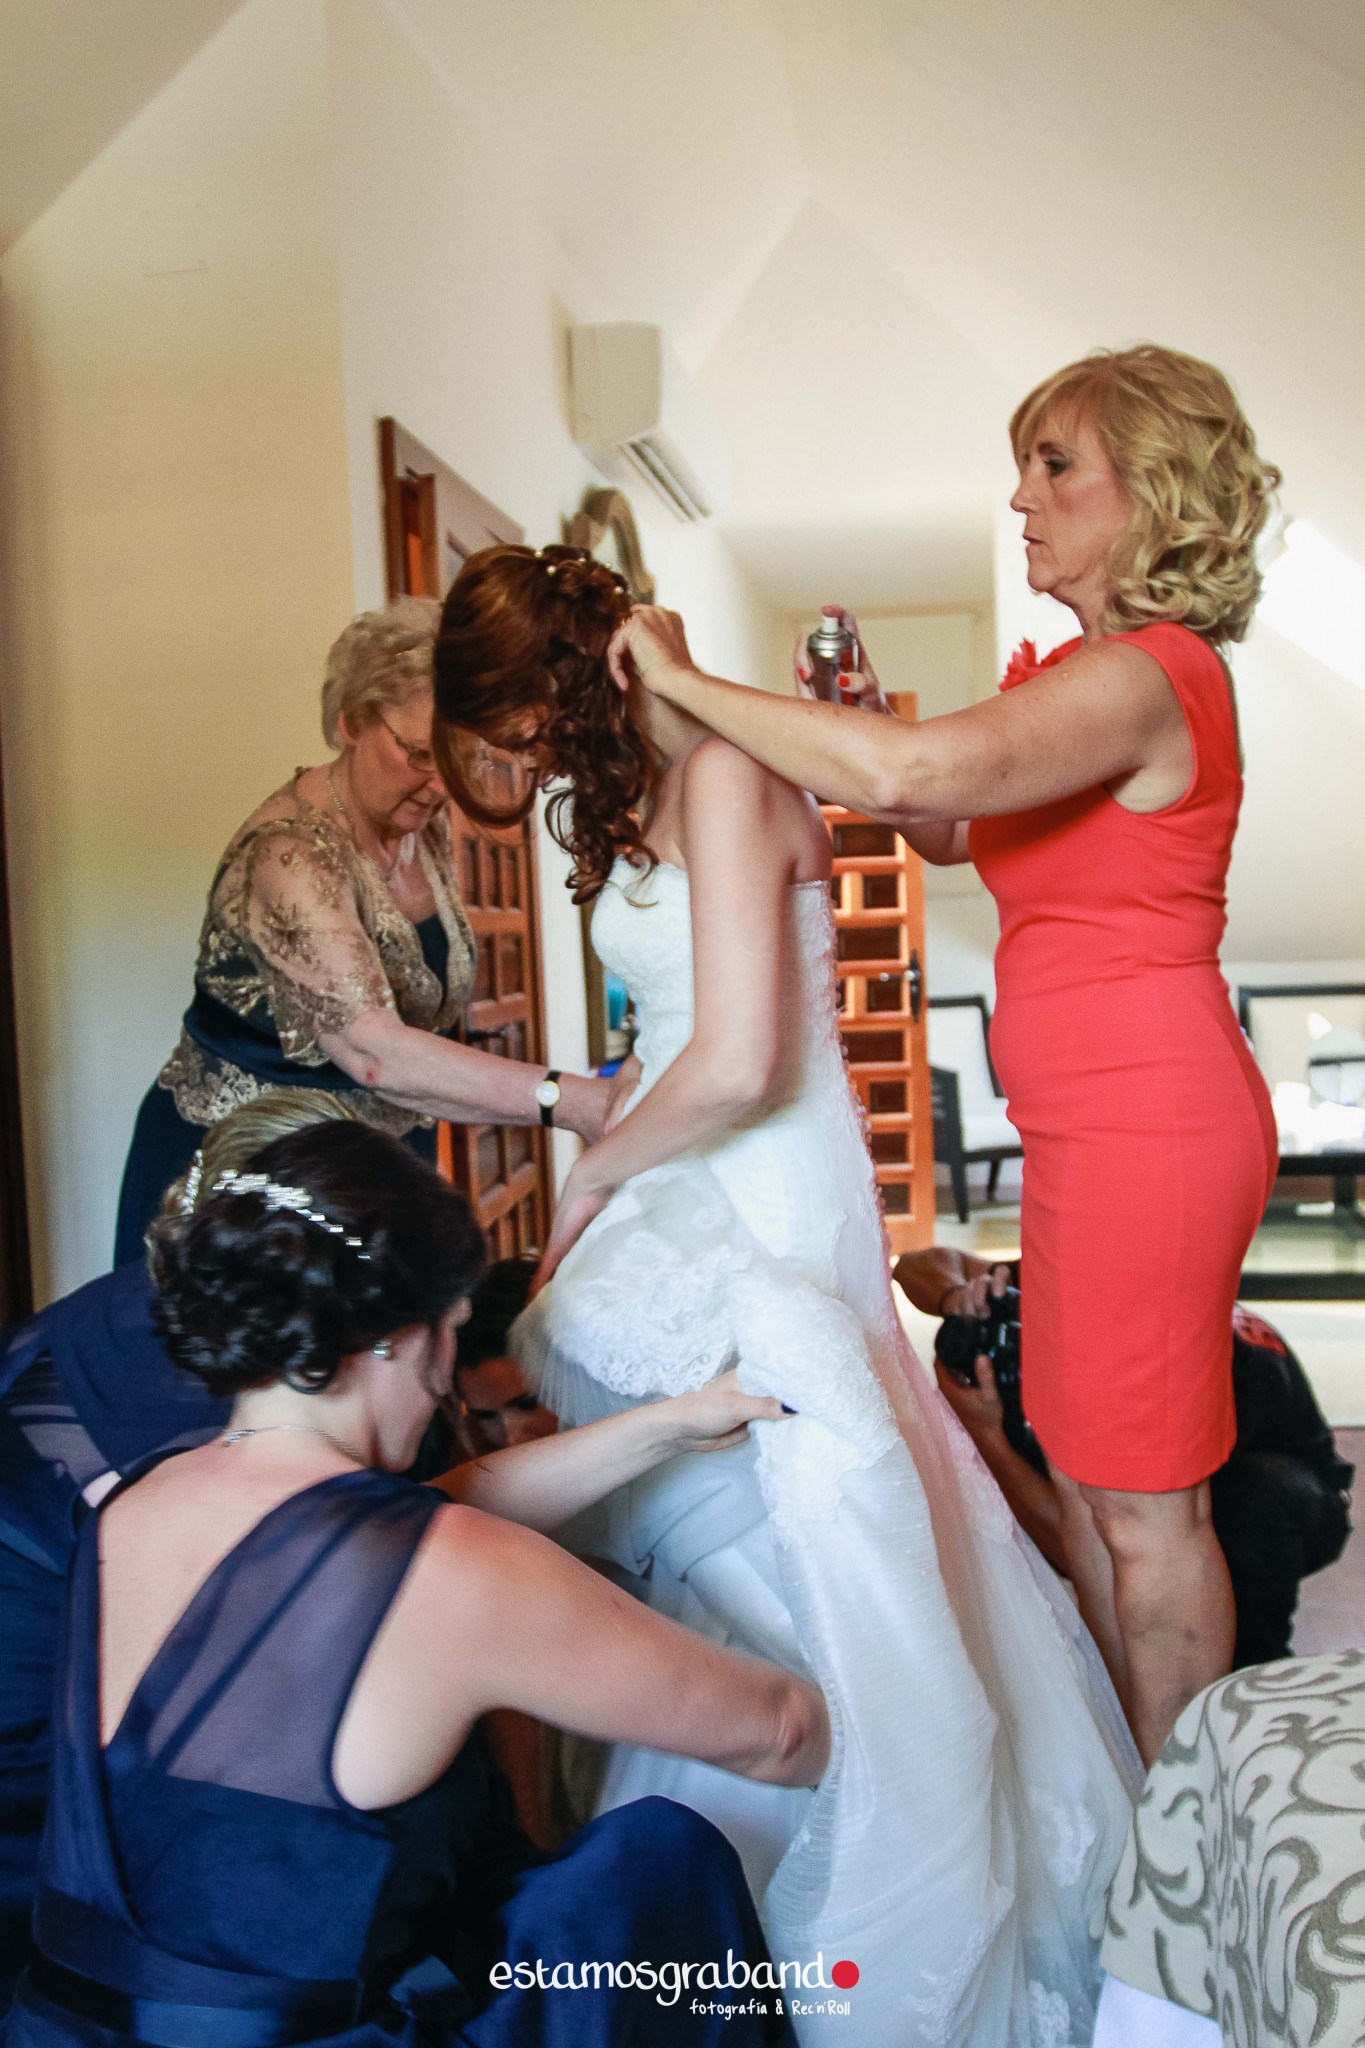 vee-y-juan_boda-escocesa-5 La boda de Braveheart (Spanish version)_Vee & Juan - video boda cadiz